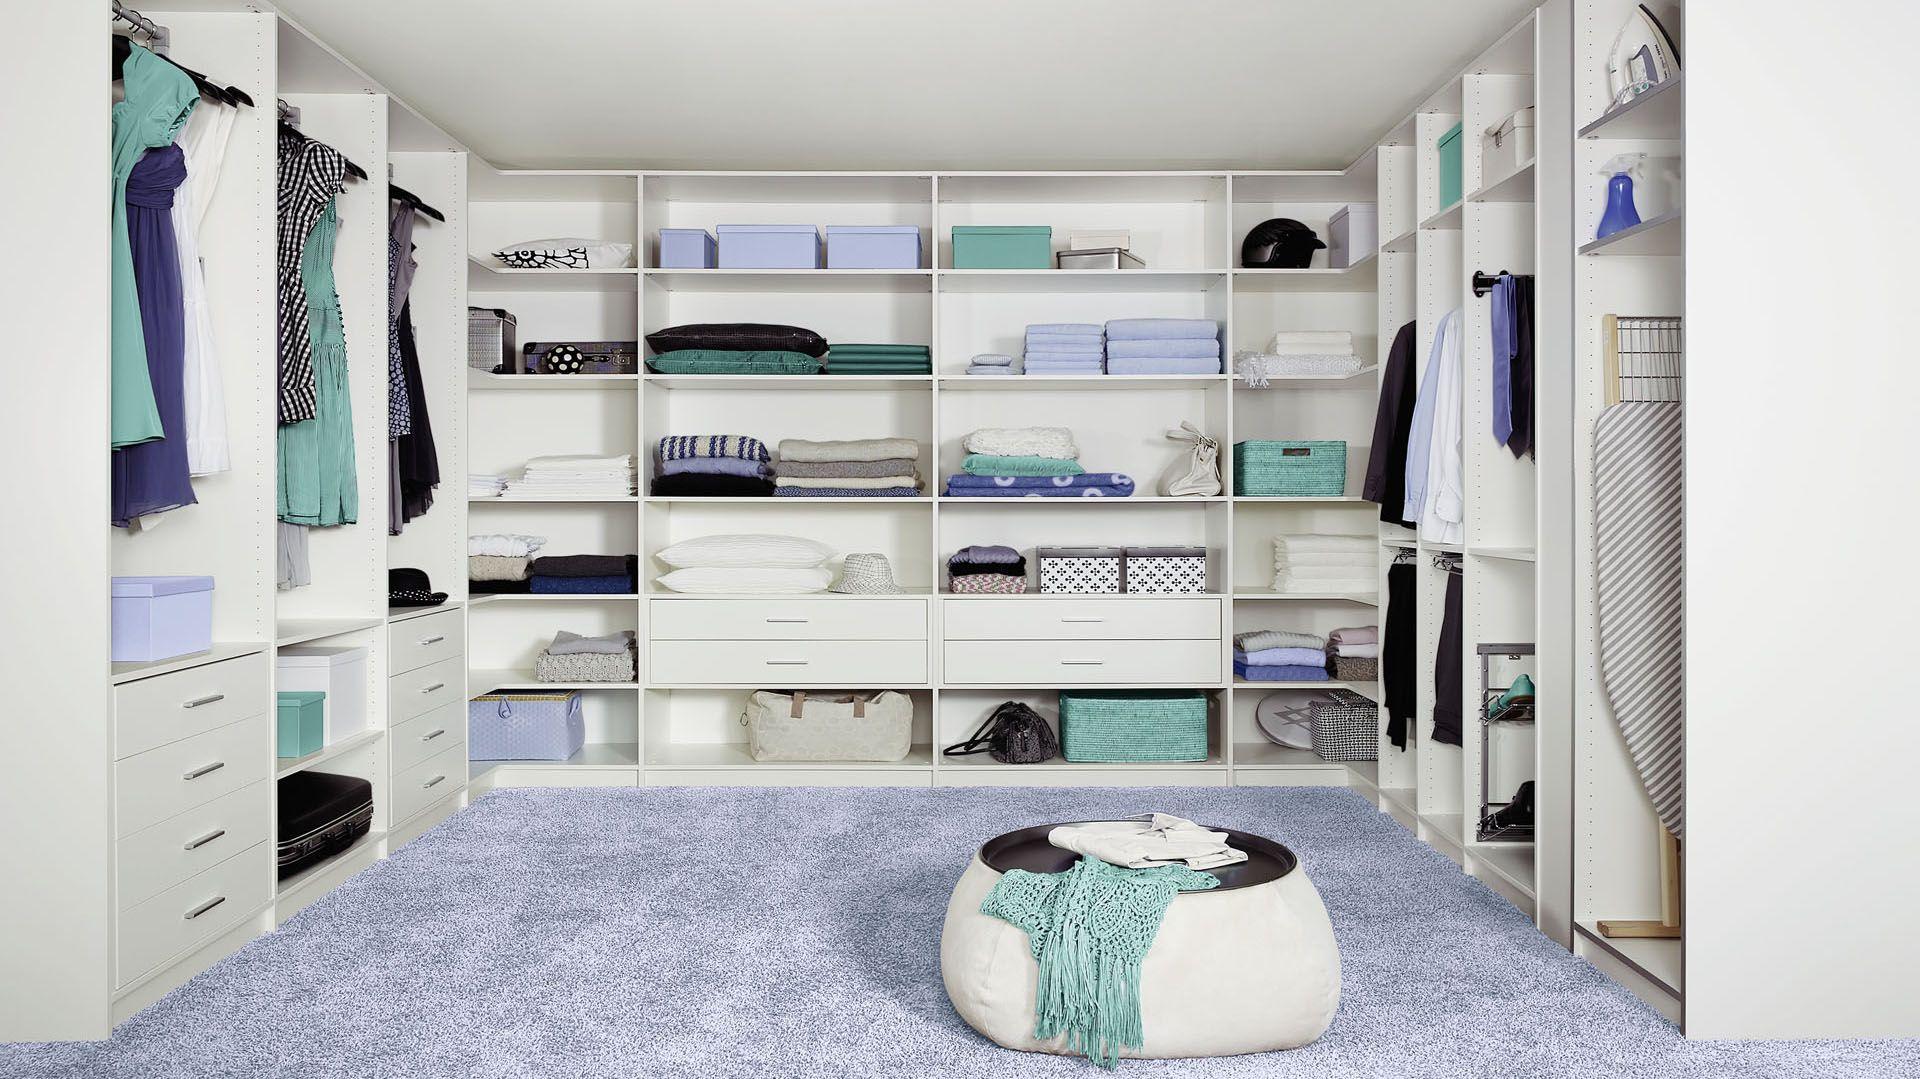 Интерьер гардеробной комнаты (26 фото): эффектные дизайн-проекты